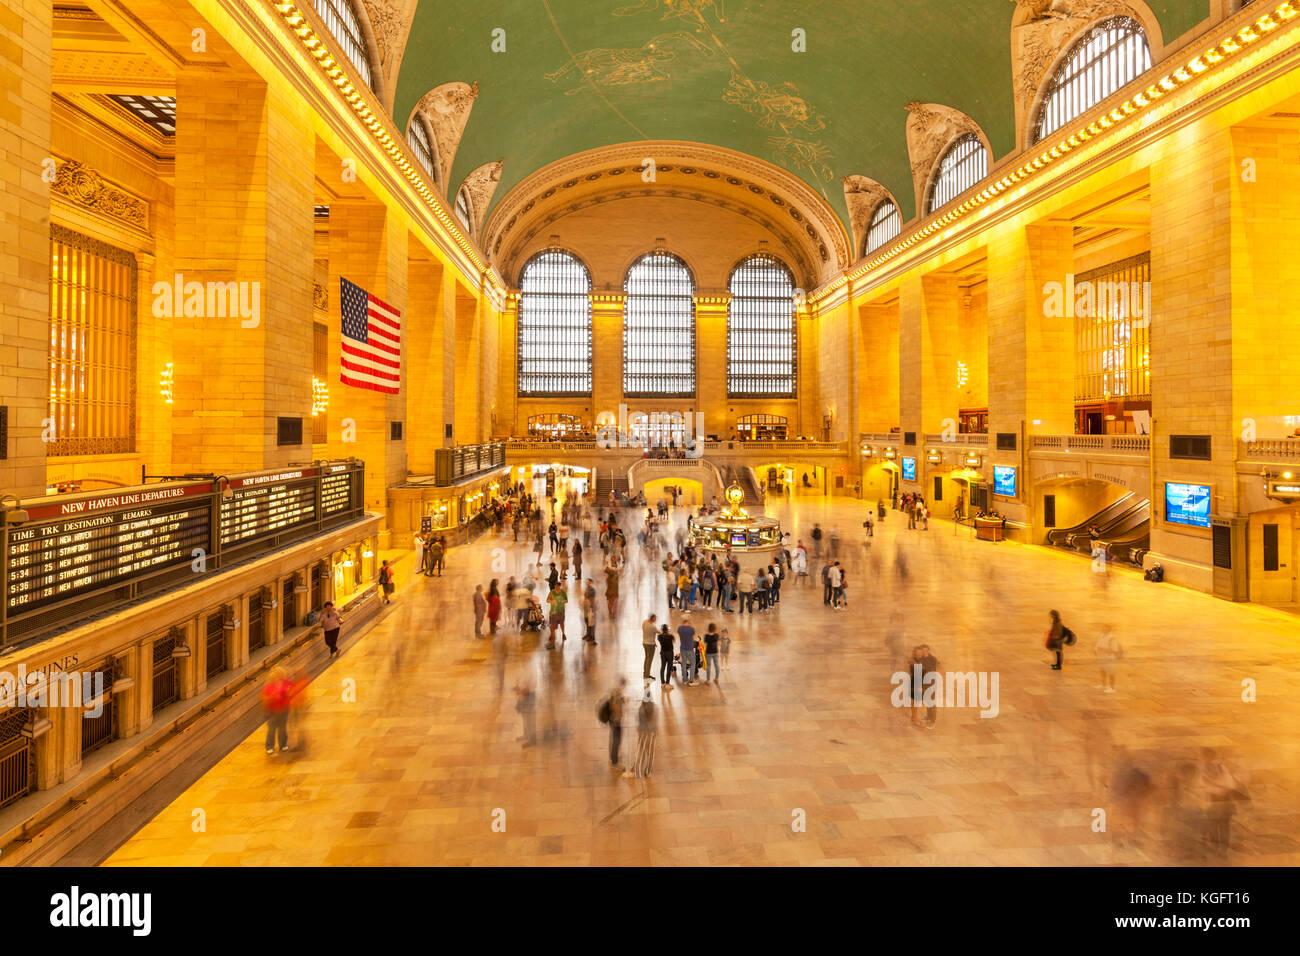 La estación Grand Central Terminal Grand Central New York Nueva York Grand Central Terminal de Nueva York, Imagen De Stock